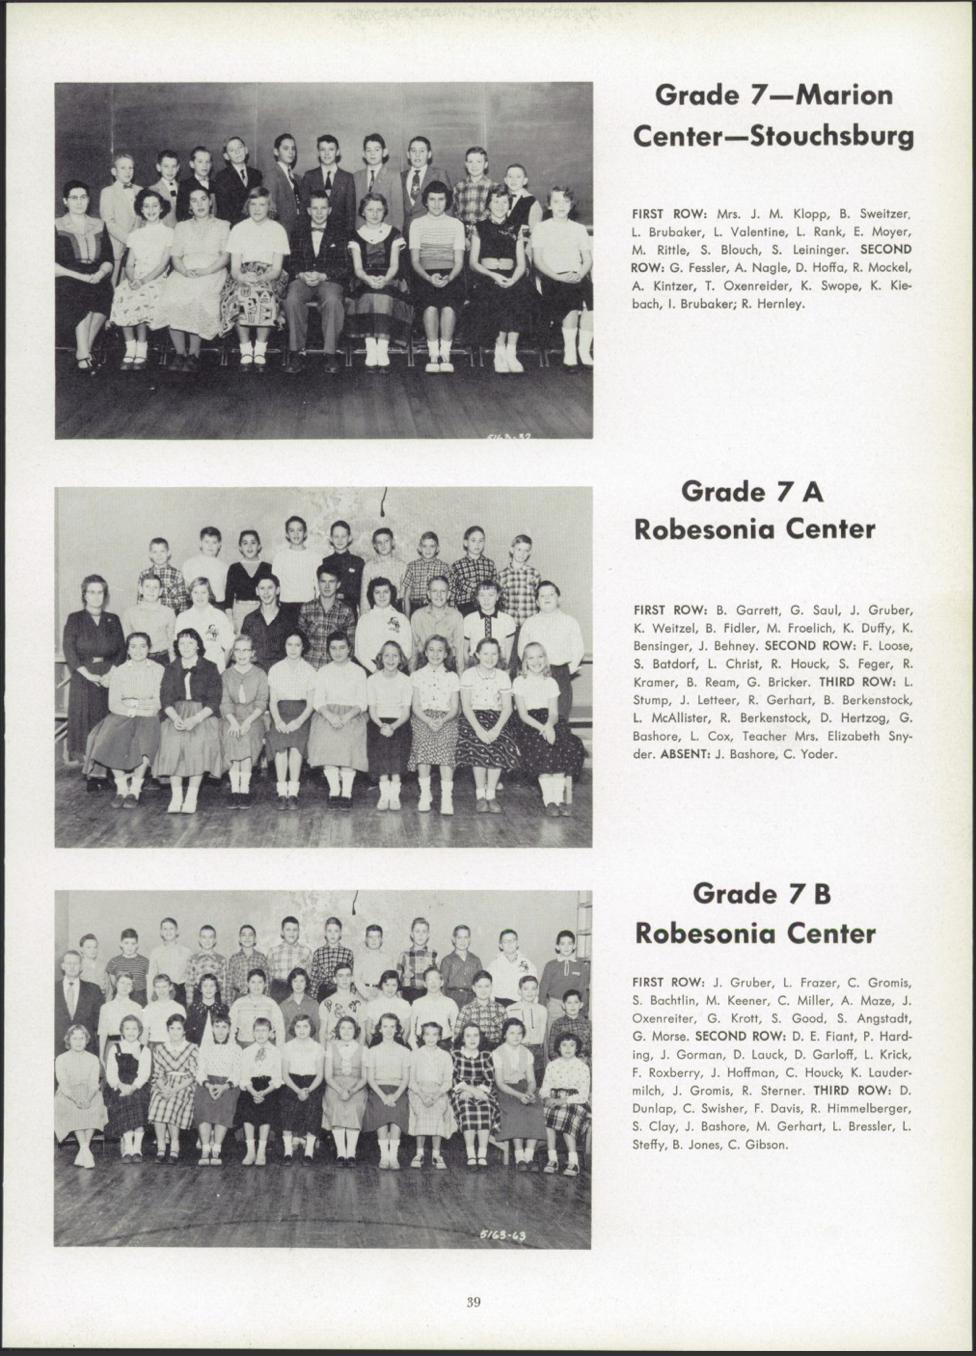 Womelsdorf Yearbook 1956 7th Grade Bashore Joel absent.jpg